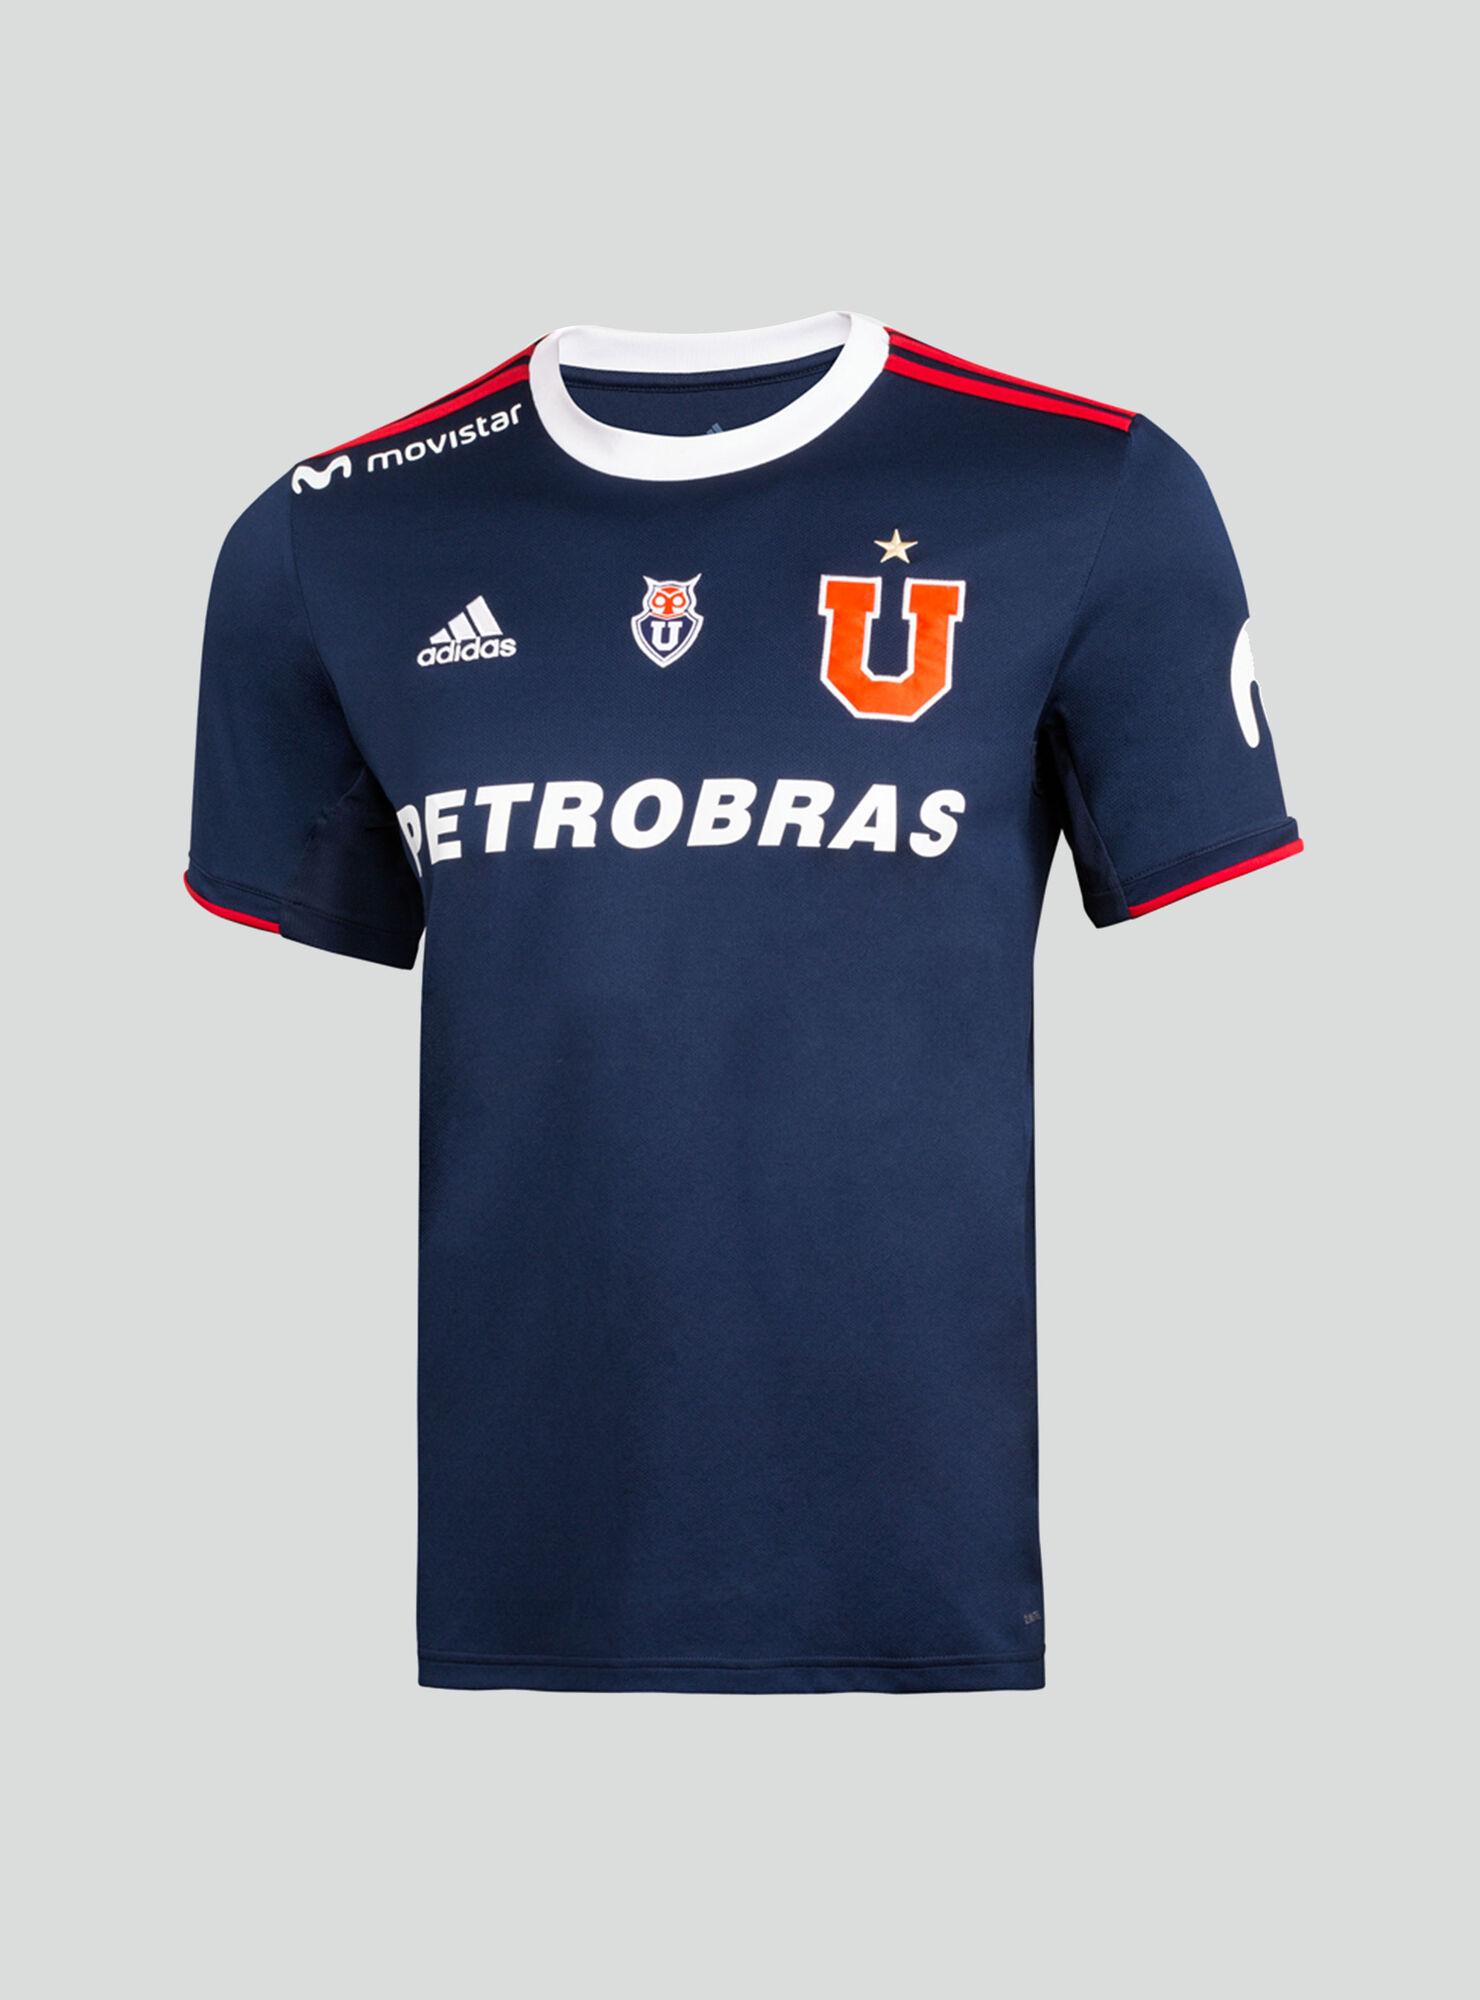 Polera Universidad de Chile Adidas - Camisetas de Fútbol  3305d8c96be7